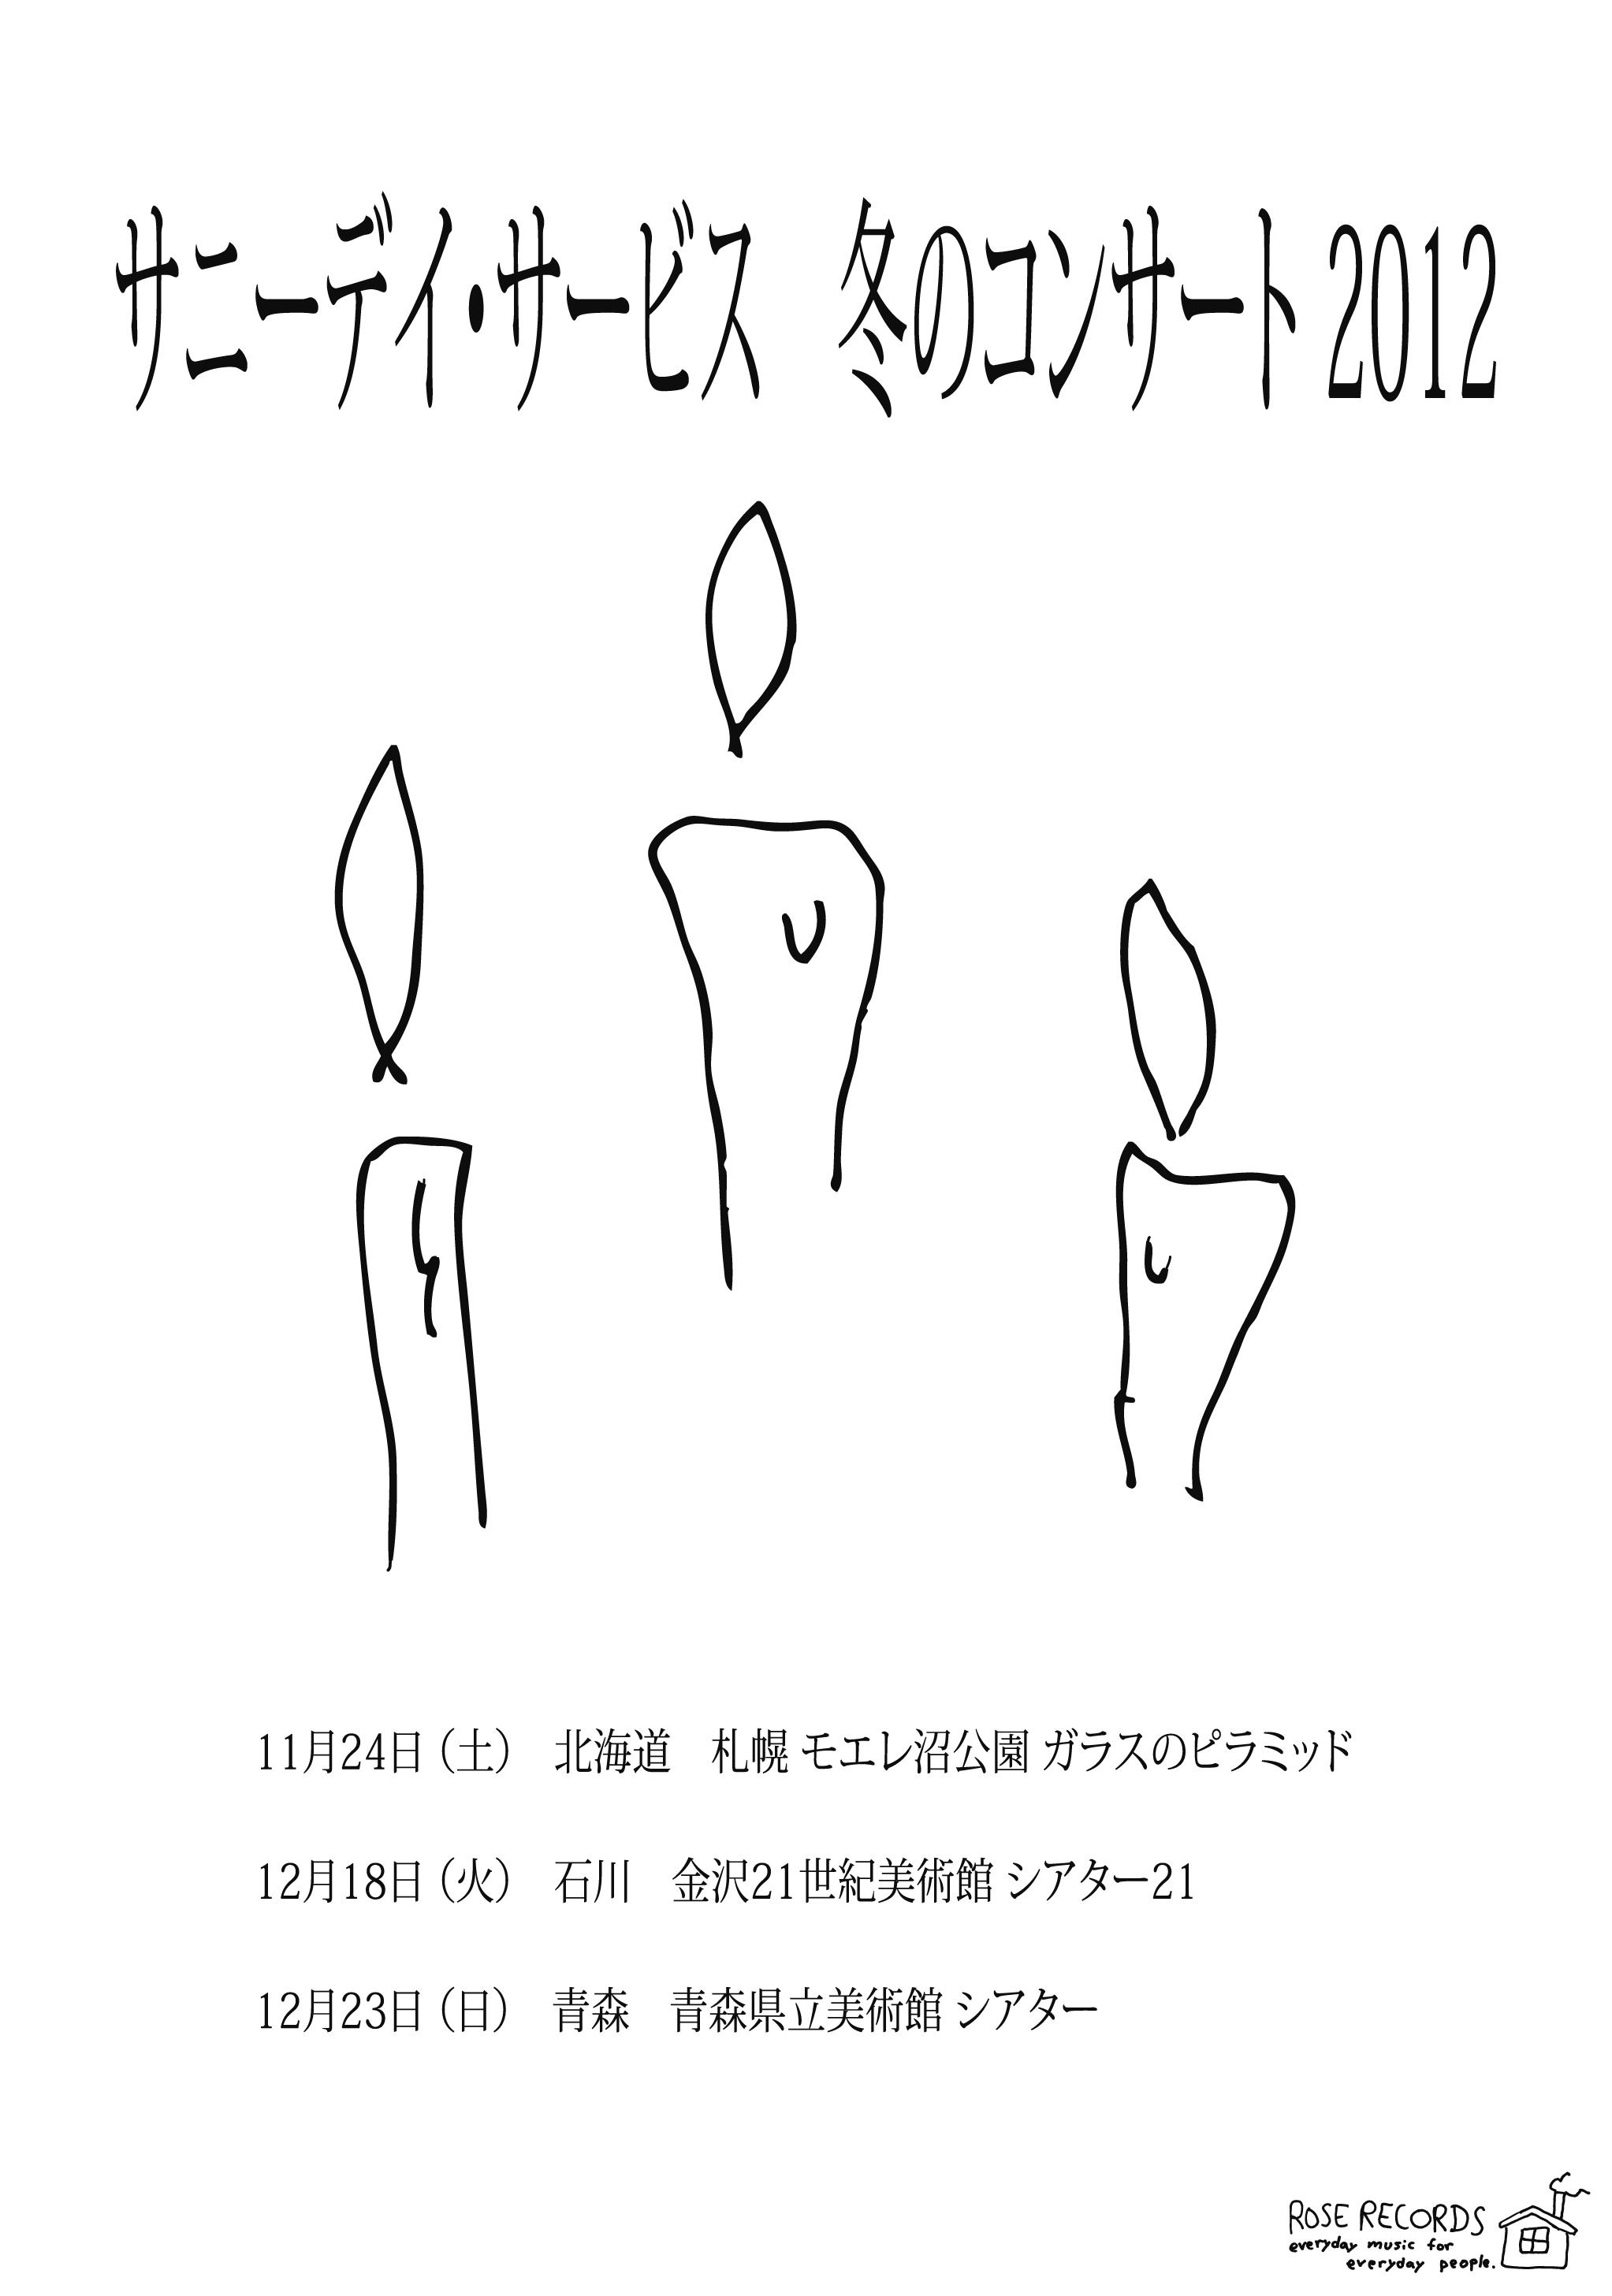 <サニーデイ・サービス 冬のコンサート 2012> @青森 青森県立美術館 シアター